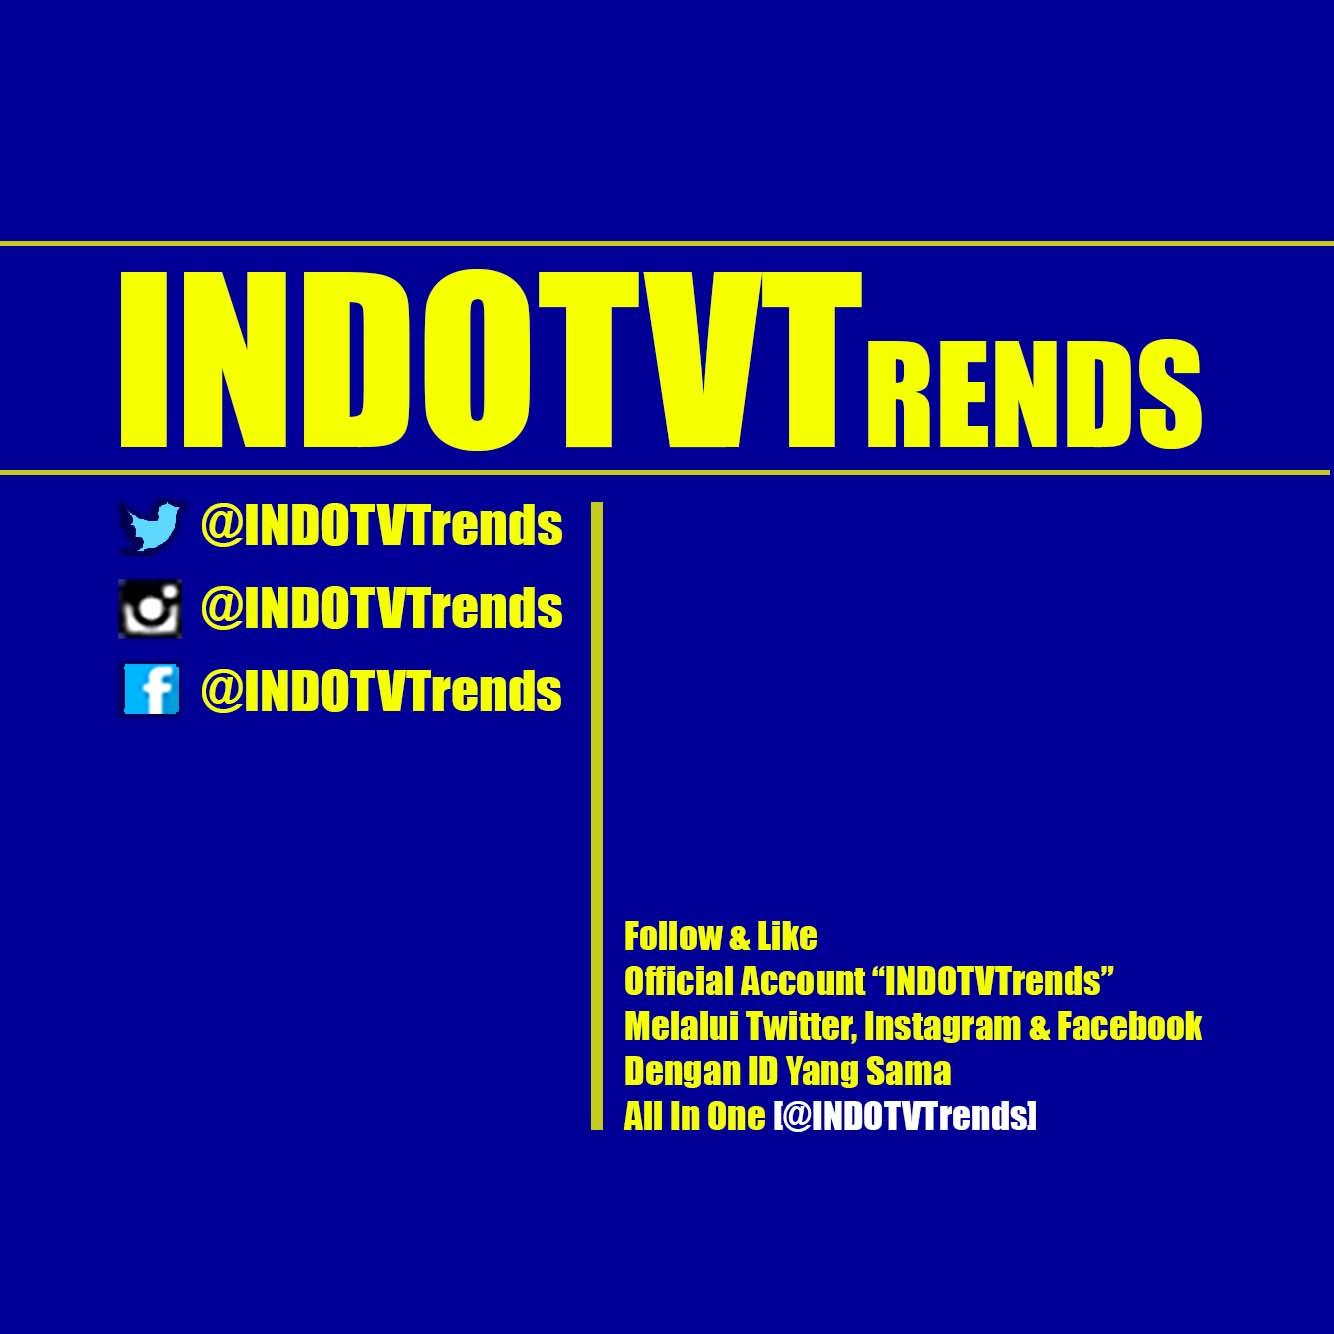 Trend Bintang - INDOTVTrends (TB-ITT)™